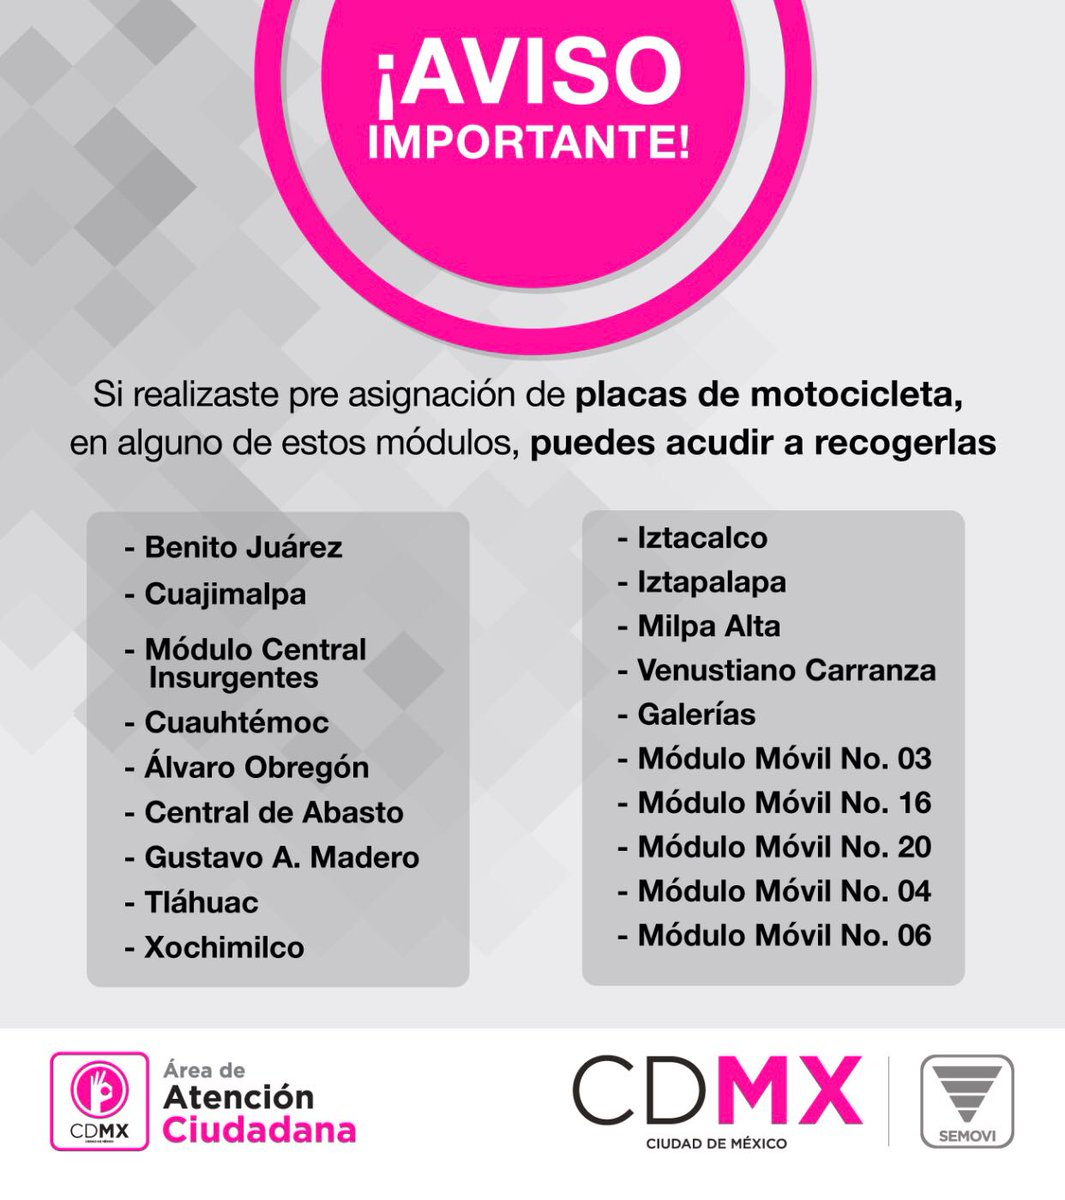 Secretaría De Movilidad Cdmx On Twitter Sólo Se Puede